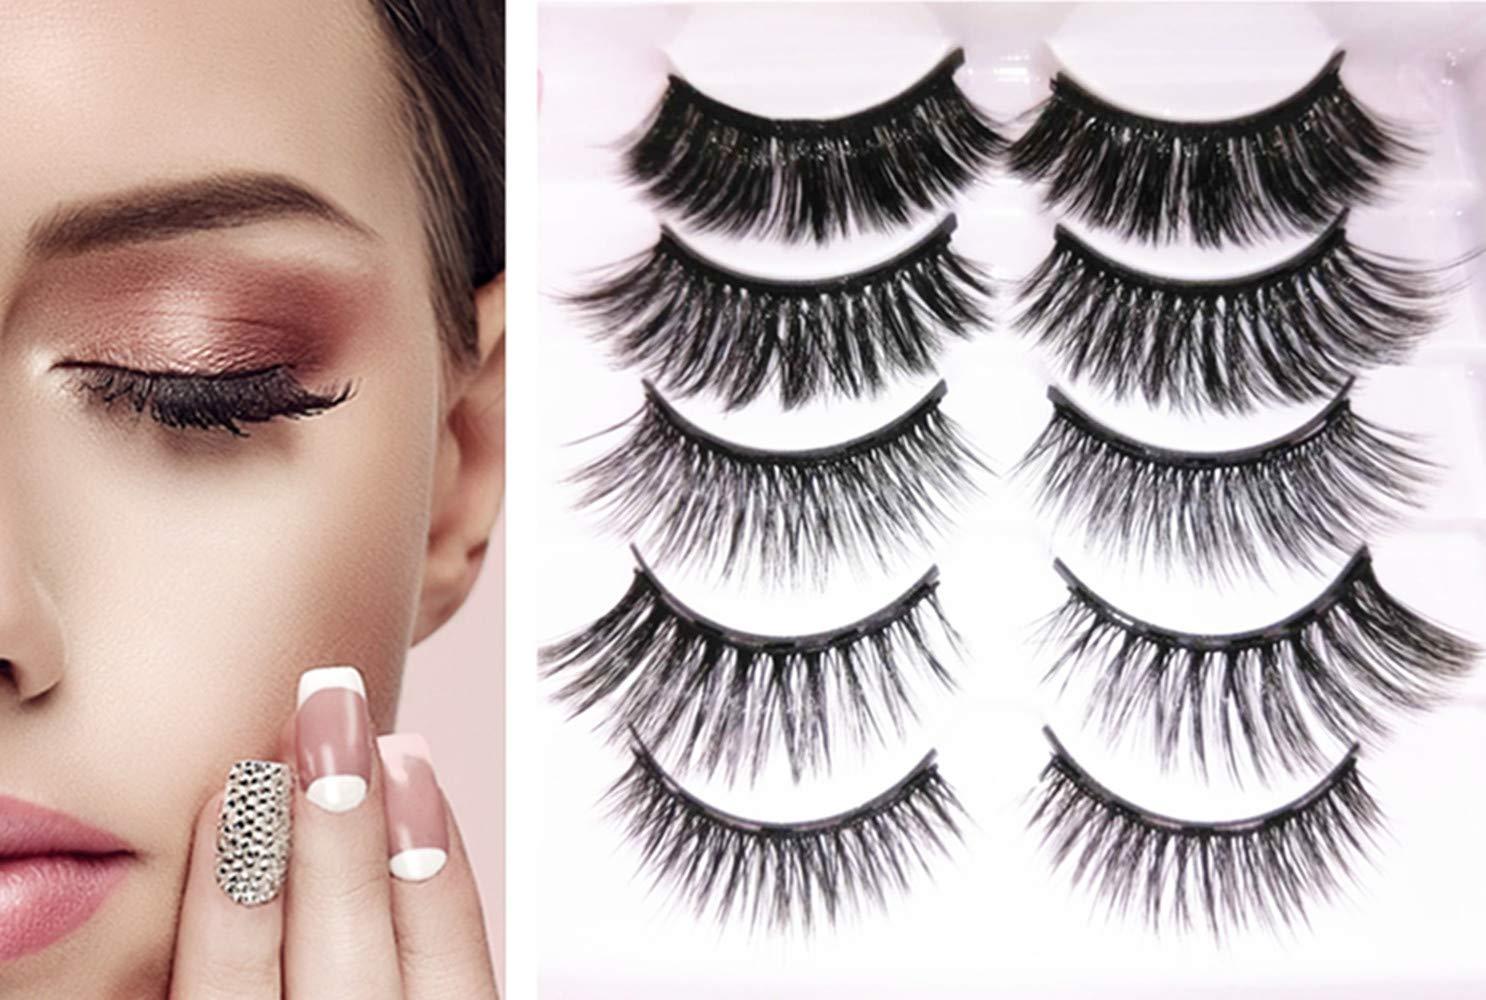 Free Amazon Promo Code 2020 for Magnetic Eyeliner and Magnetic Eyelash